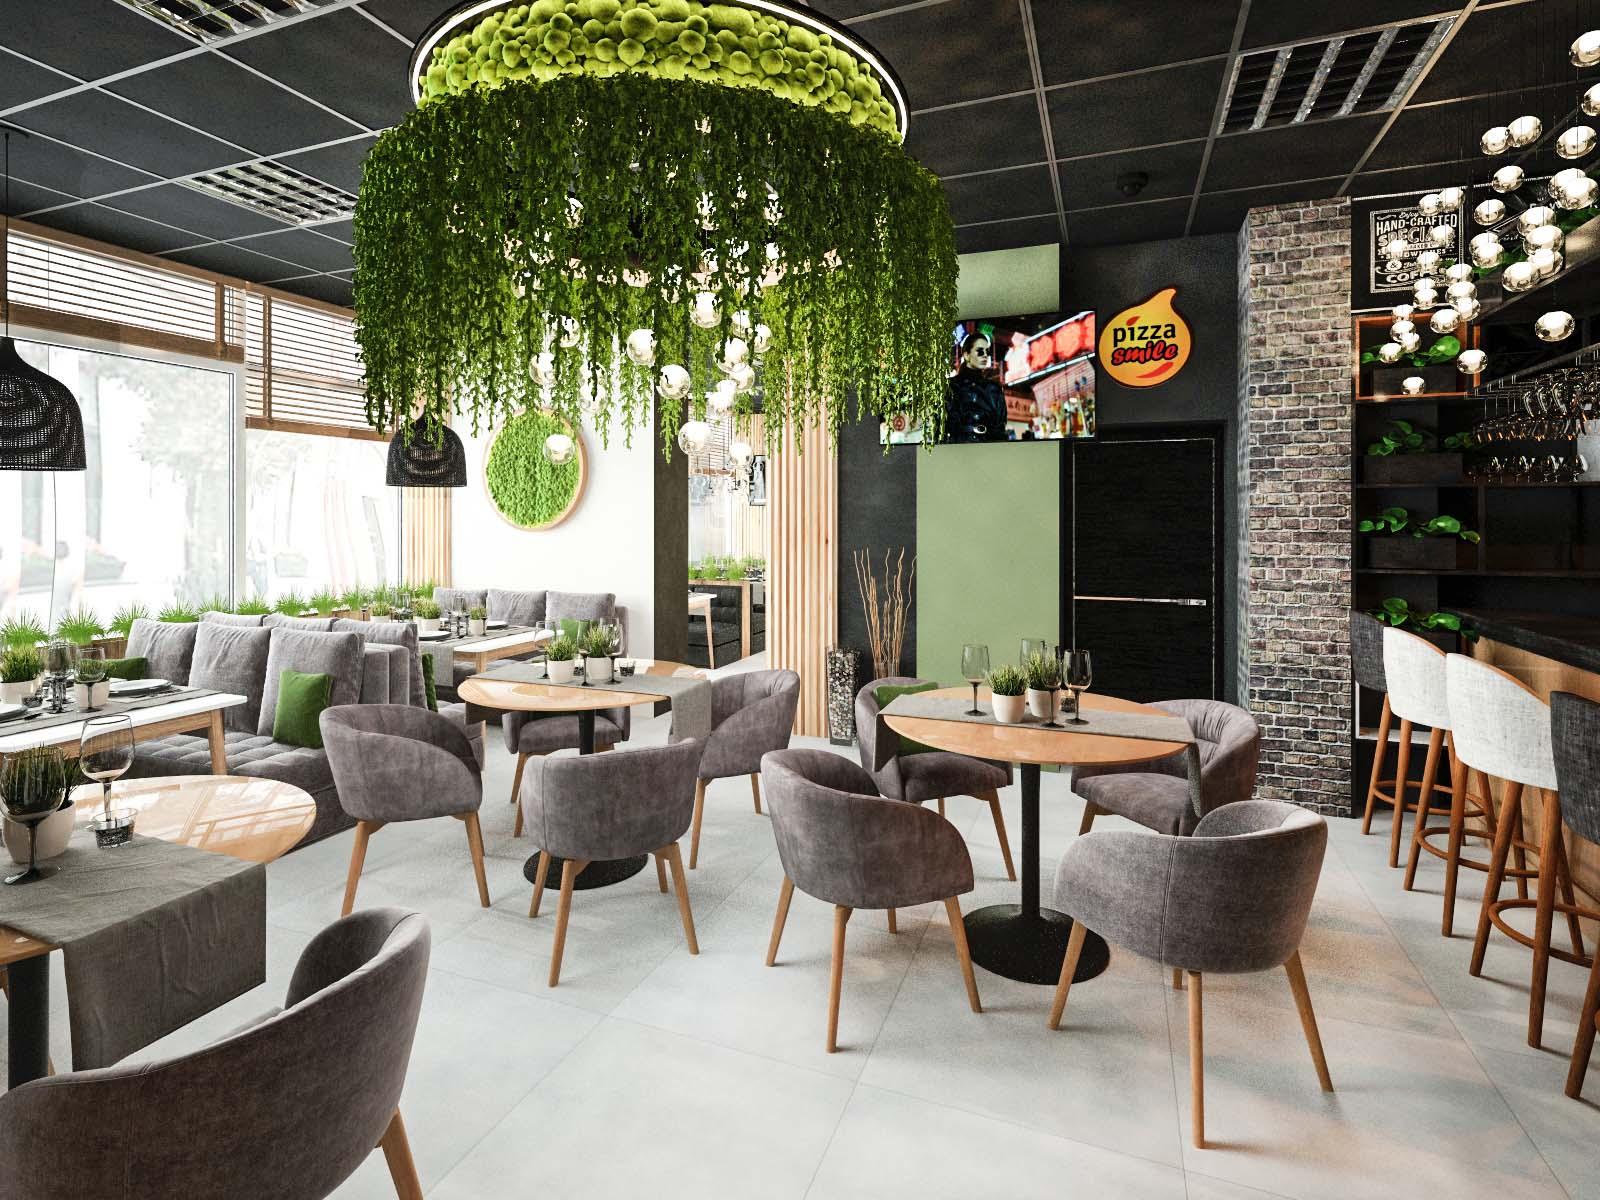 Дизайн интерьера кафе-пиццерии Pizza Smile в Солигорске